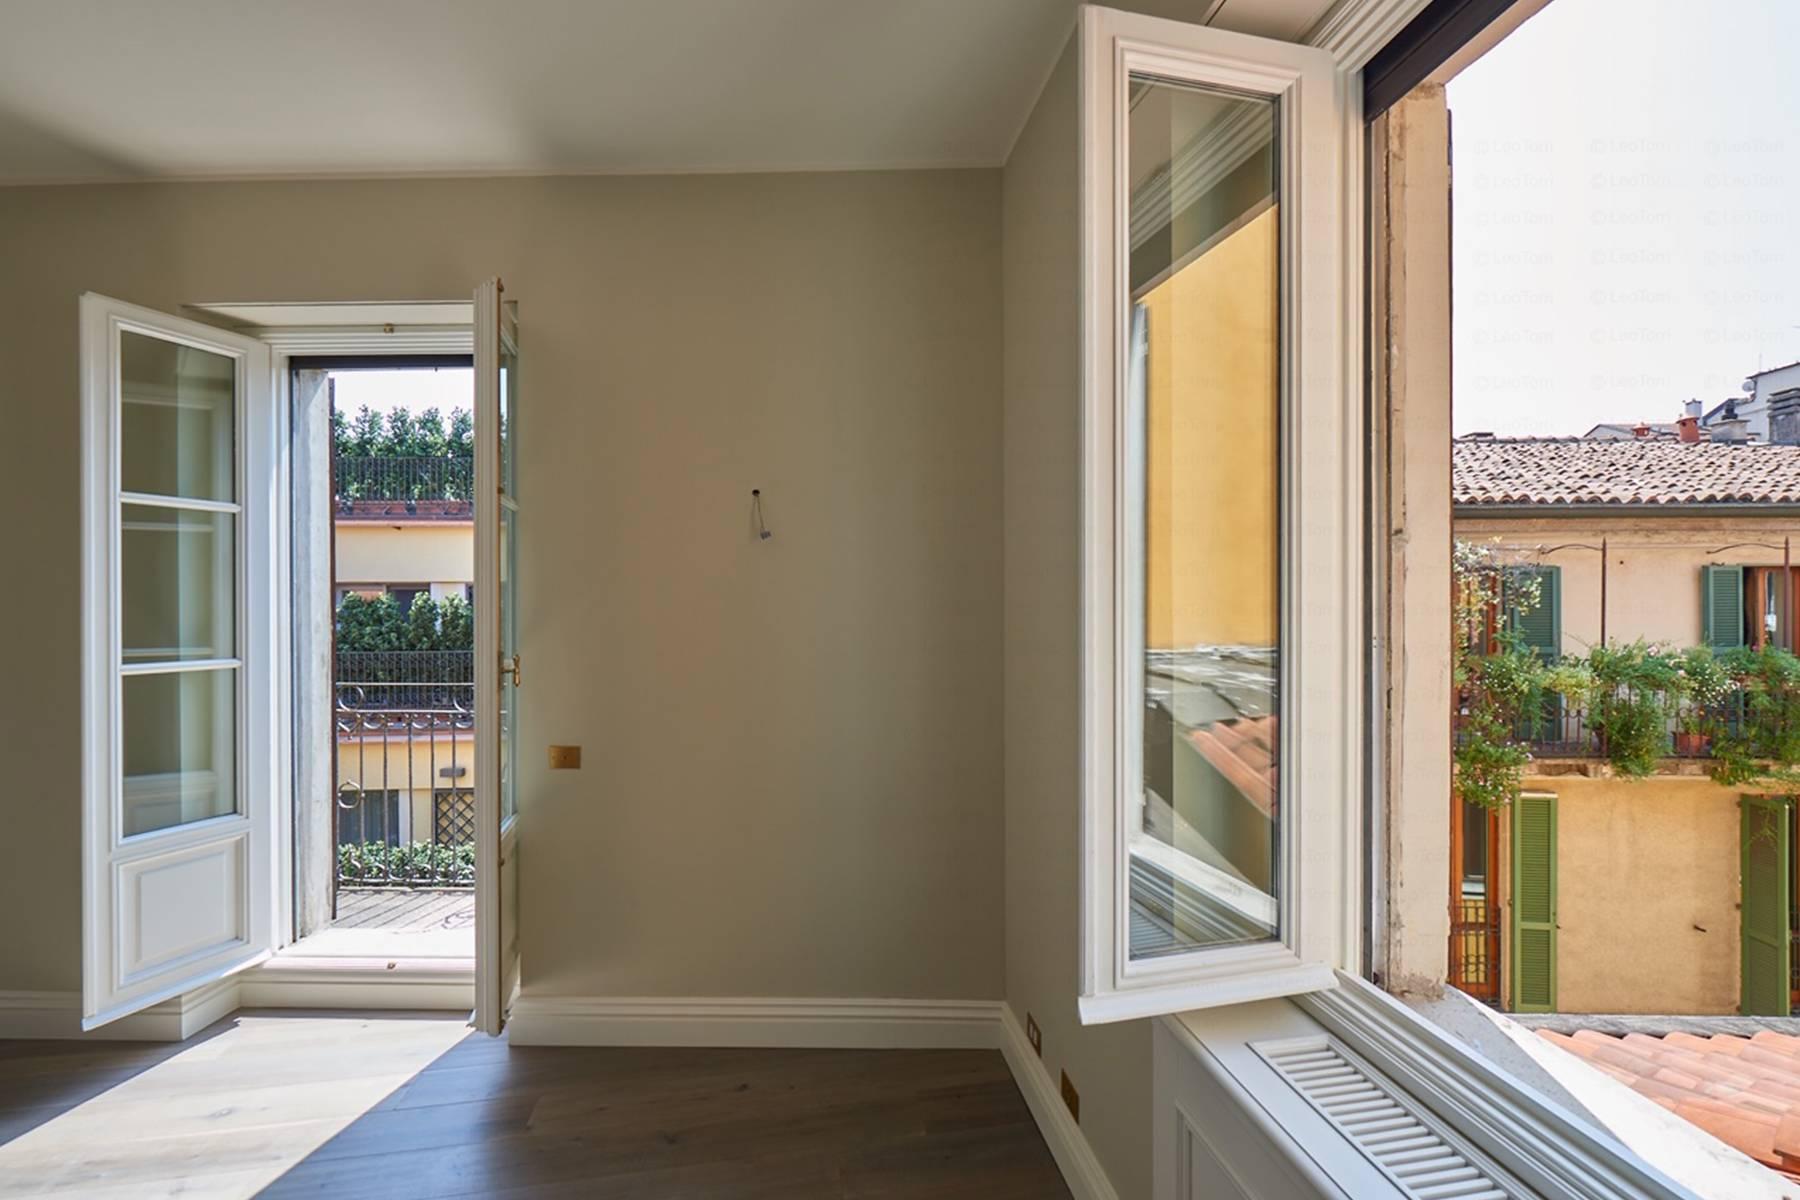 Attico in Vendita a Milano: 5 locali, 380 mq - Foto 27